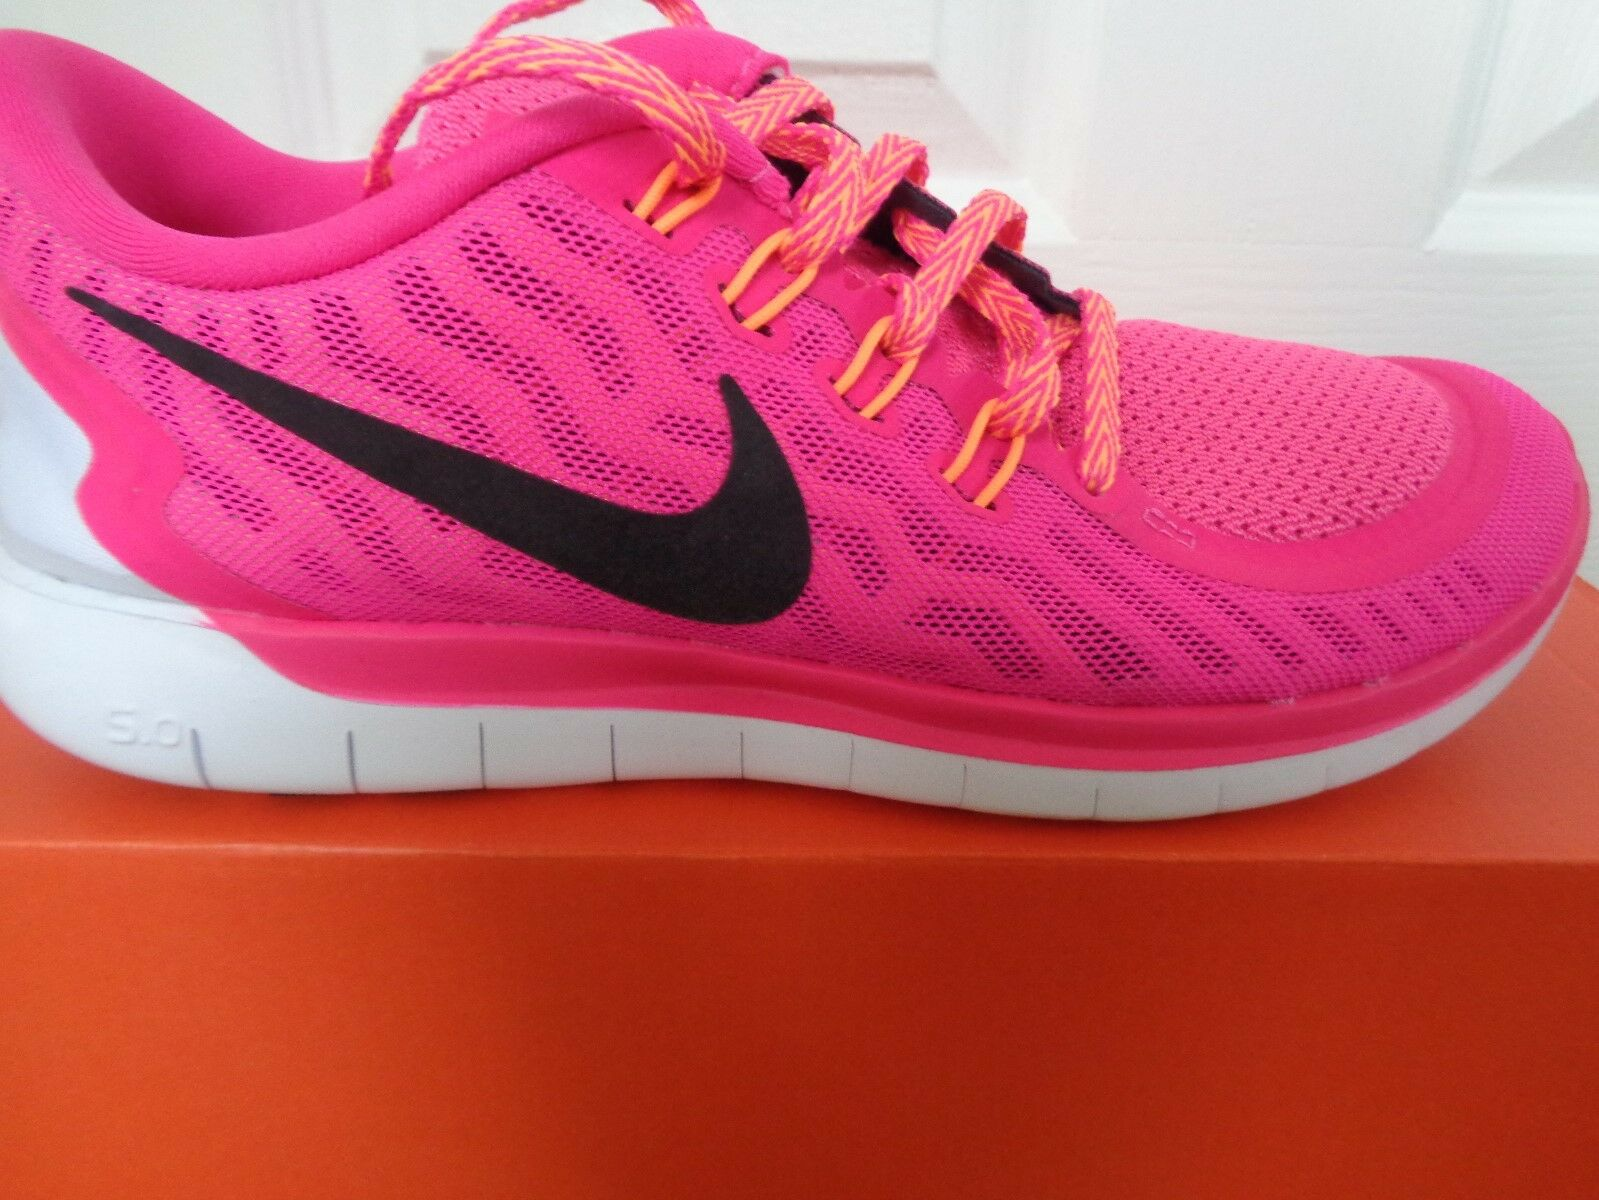 new arrival 1cc03 b6df3 Nike Free 5.0 Da Donna Ginnastica 724383 600 EU 38.5 38.5 38.5 US 7.5 Nuovo  + Scatola 85c93e